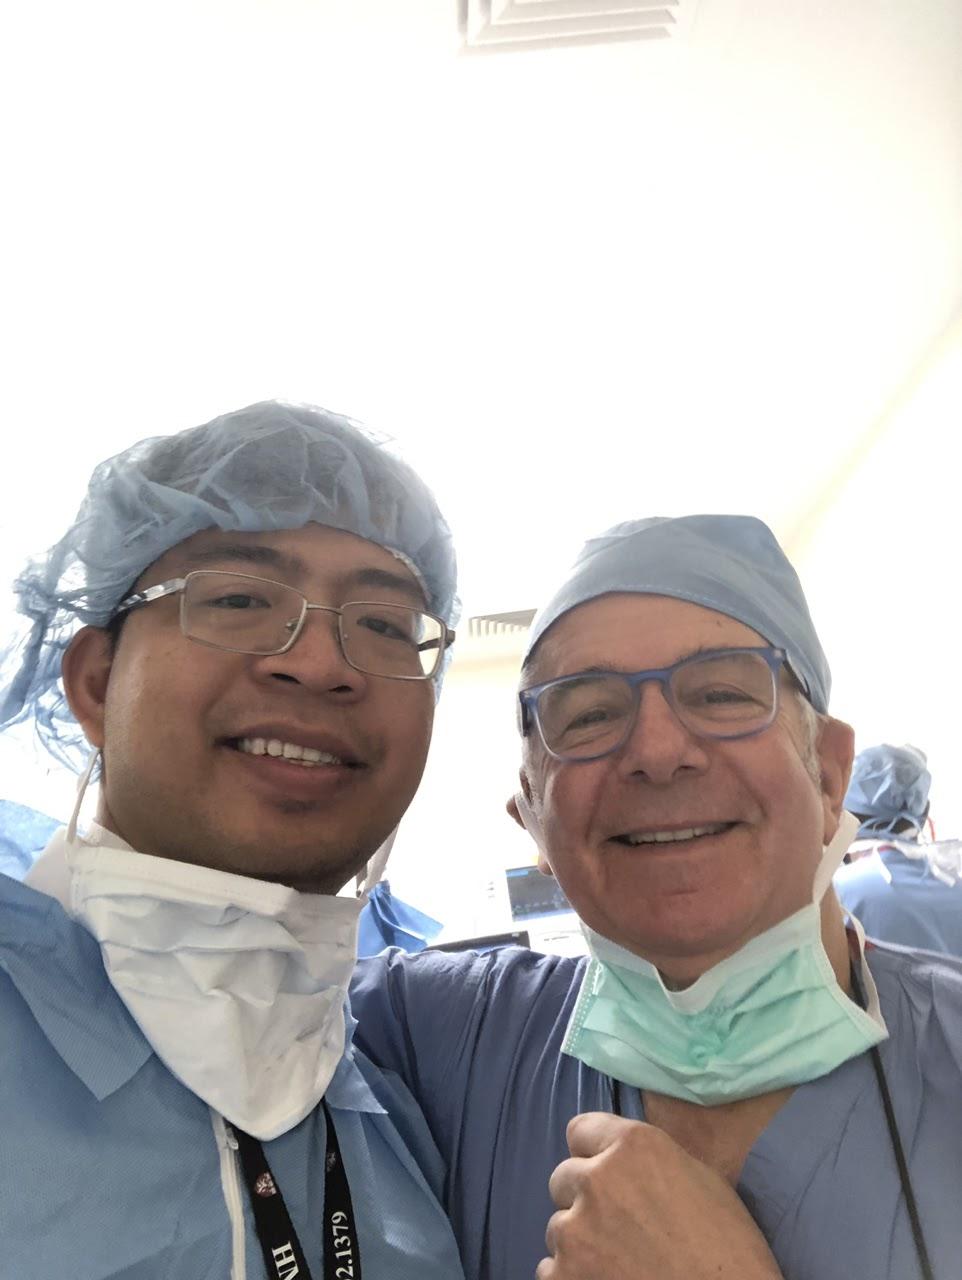 Bệnh viện thẩm mỹ Hải Phòng Dr.Tien luôn đem đến sự yên tâm cho khách hàng